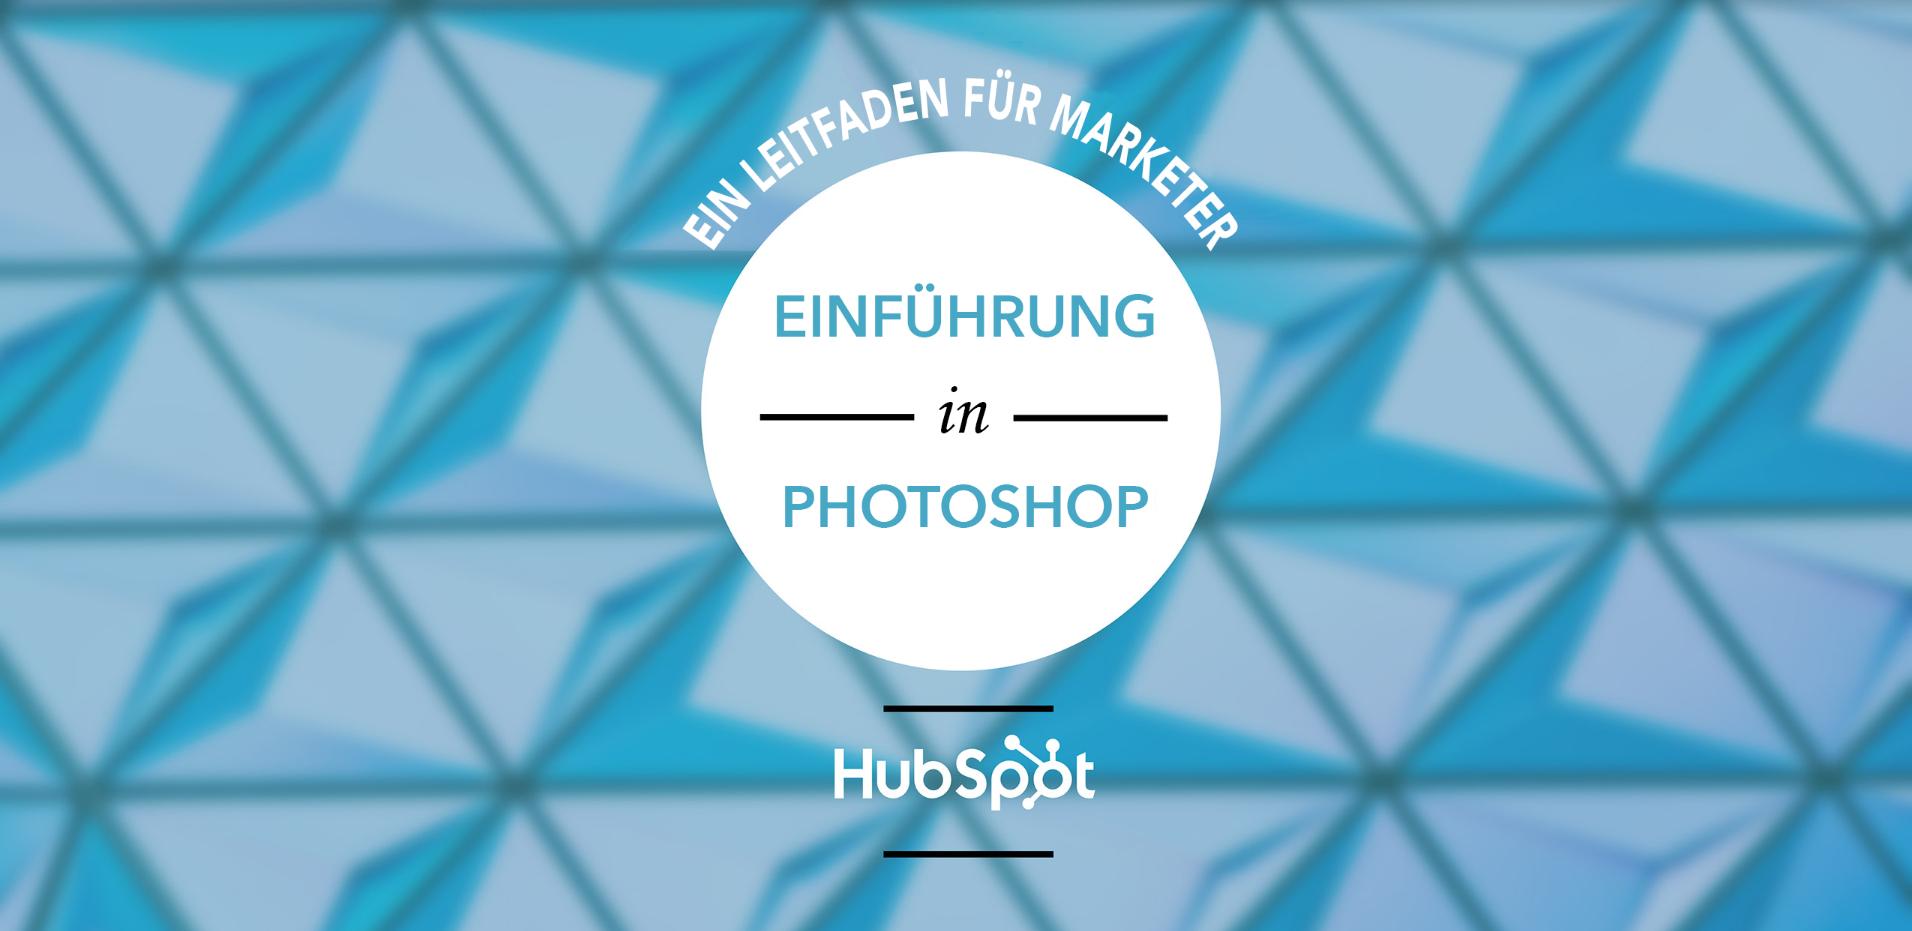 HubSpot | Einführung in Photoshop | Vorschaubild 1